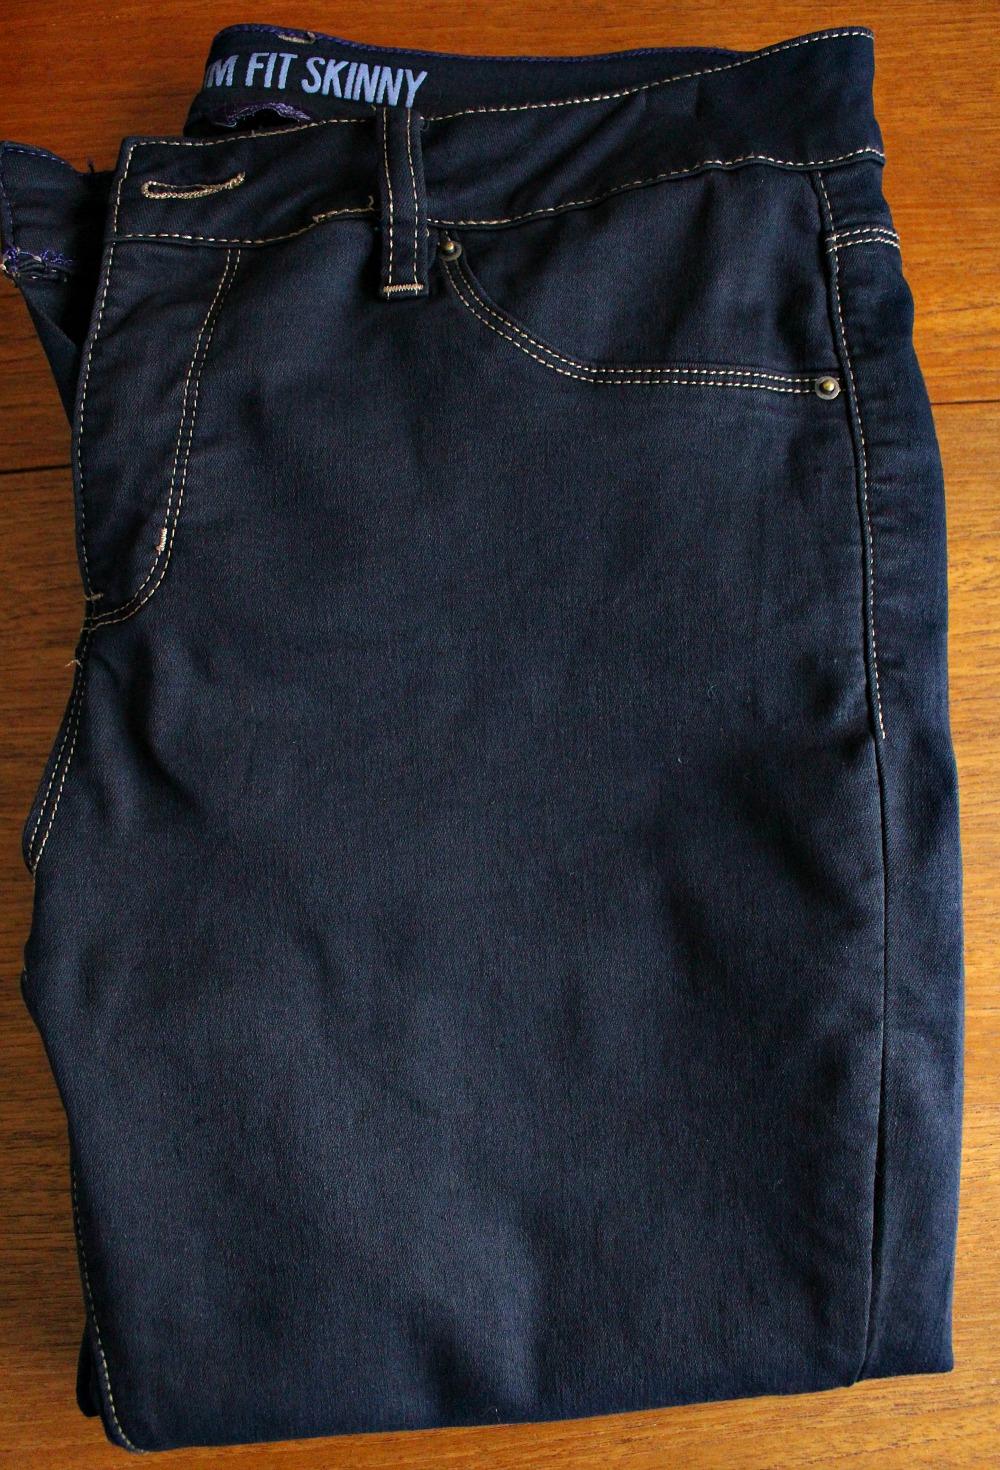 How to Dye Jeans Darker (+ Dye FAQ)